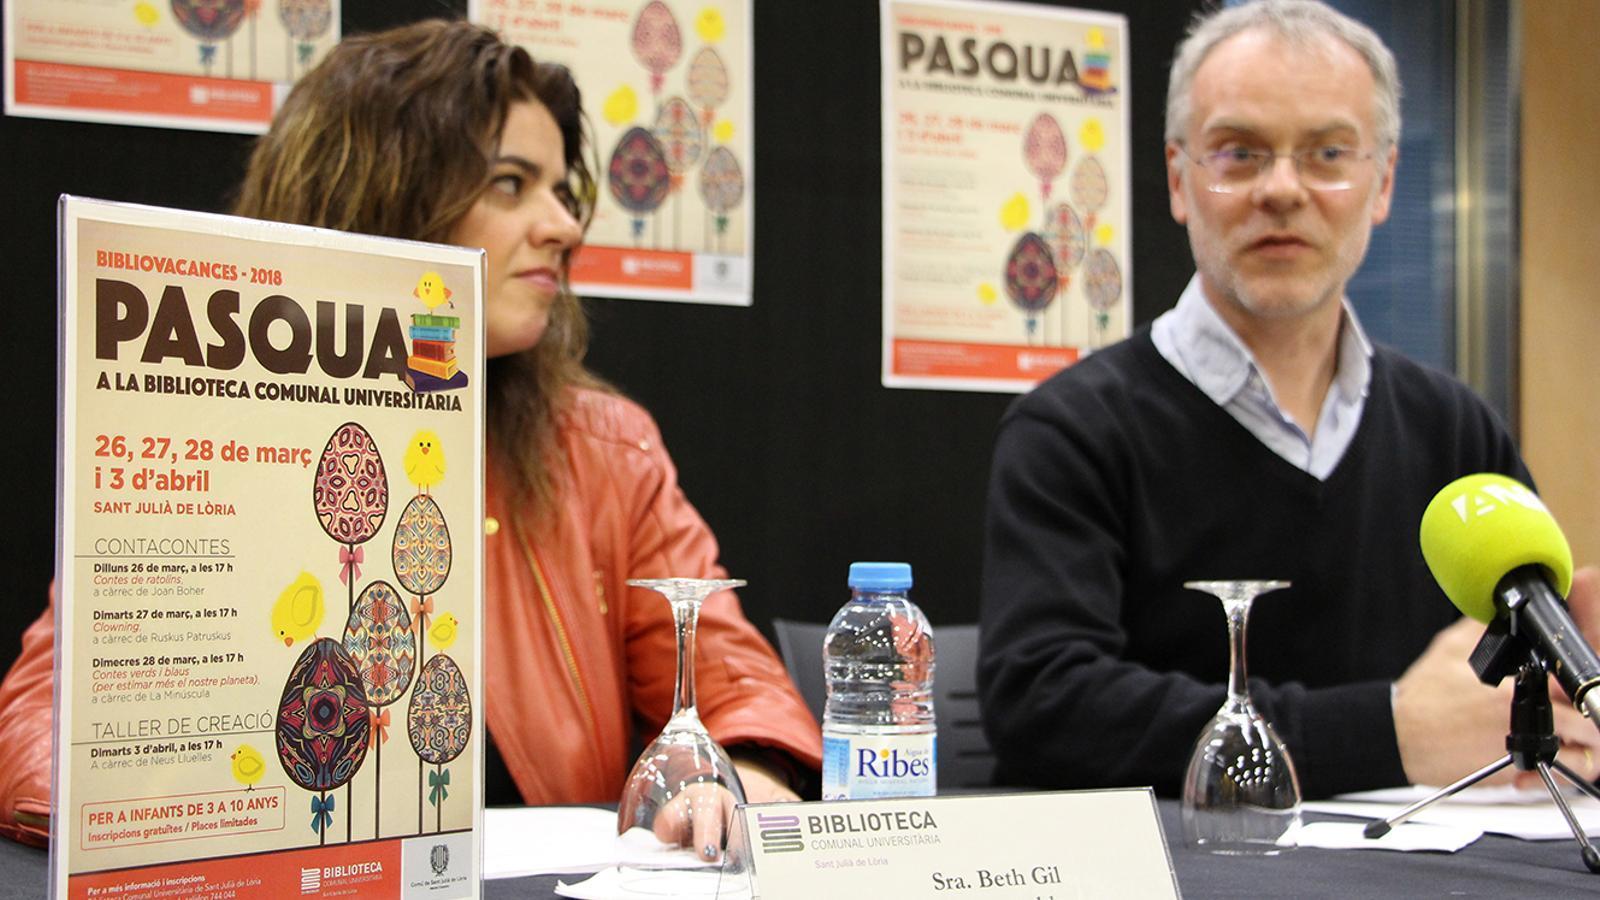 La responsable de la biblioteca, Beth Gil, i el conseller de Cultura, Josep Roig, durant la roda de premsa de presentació de les activitats. / M. M. (ANA)